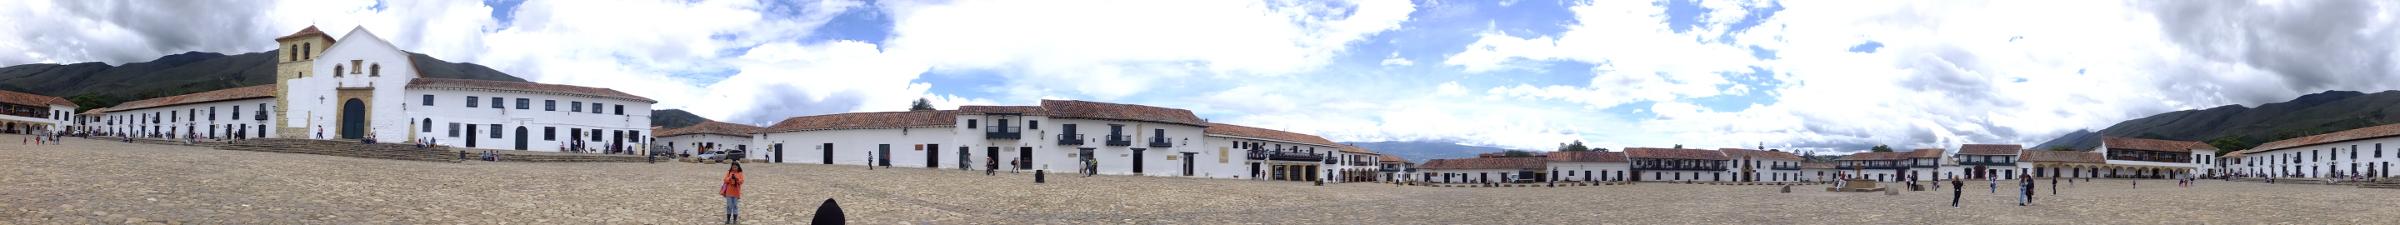 La plaza mas grande de Colombia esta en Villa de Leyva Boyaca